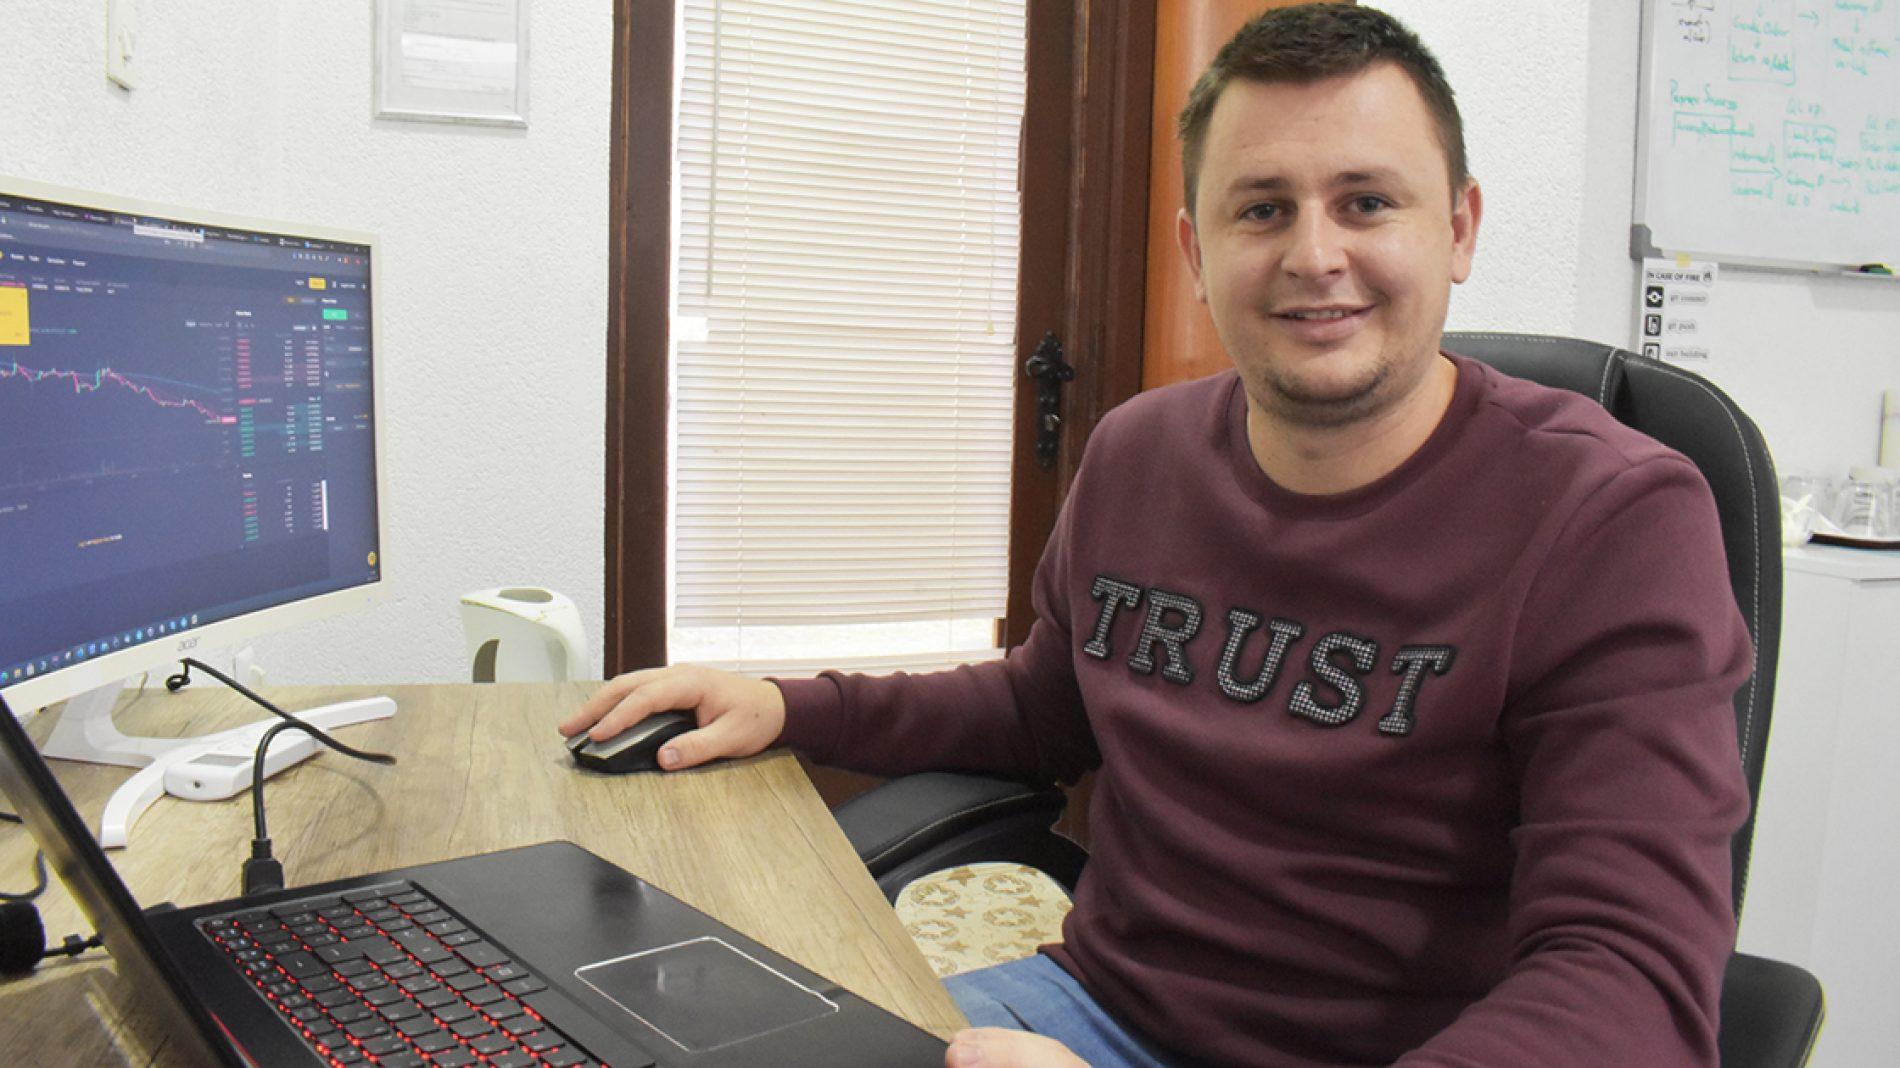 Općina Tešanj već deset godina uspješno pomaže mladima u otvaranju vlastitih biznisa